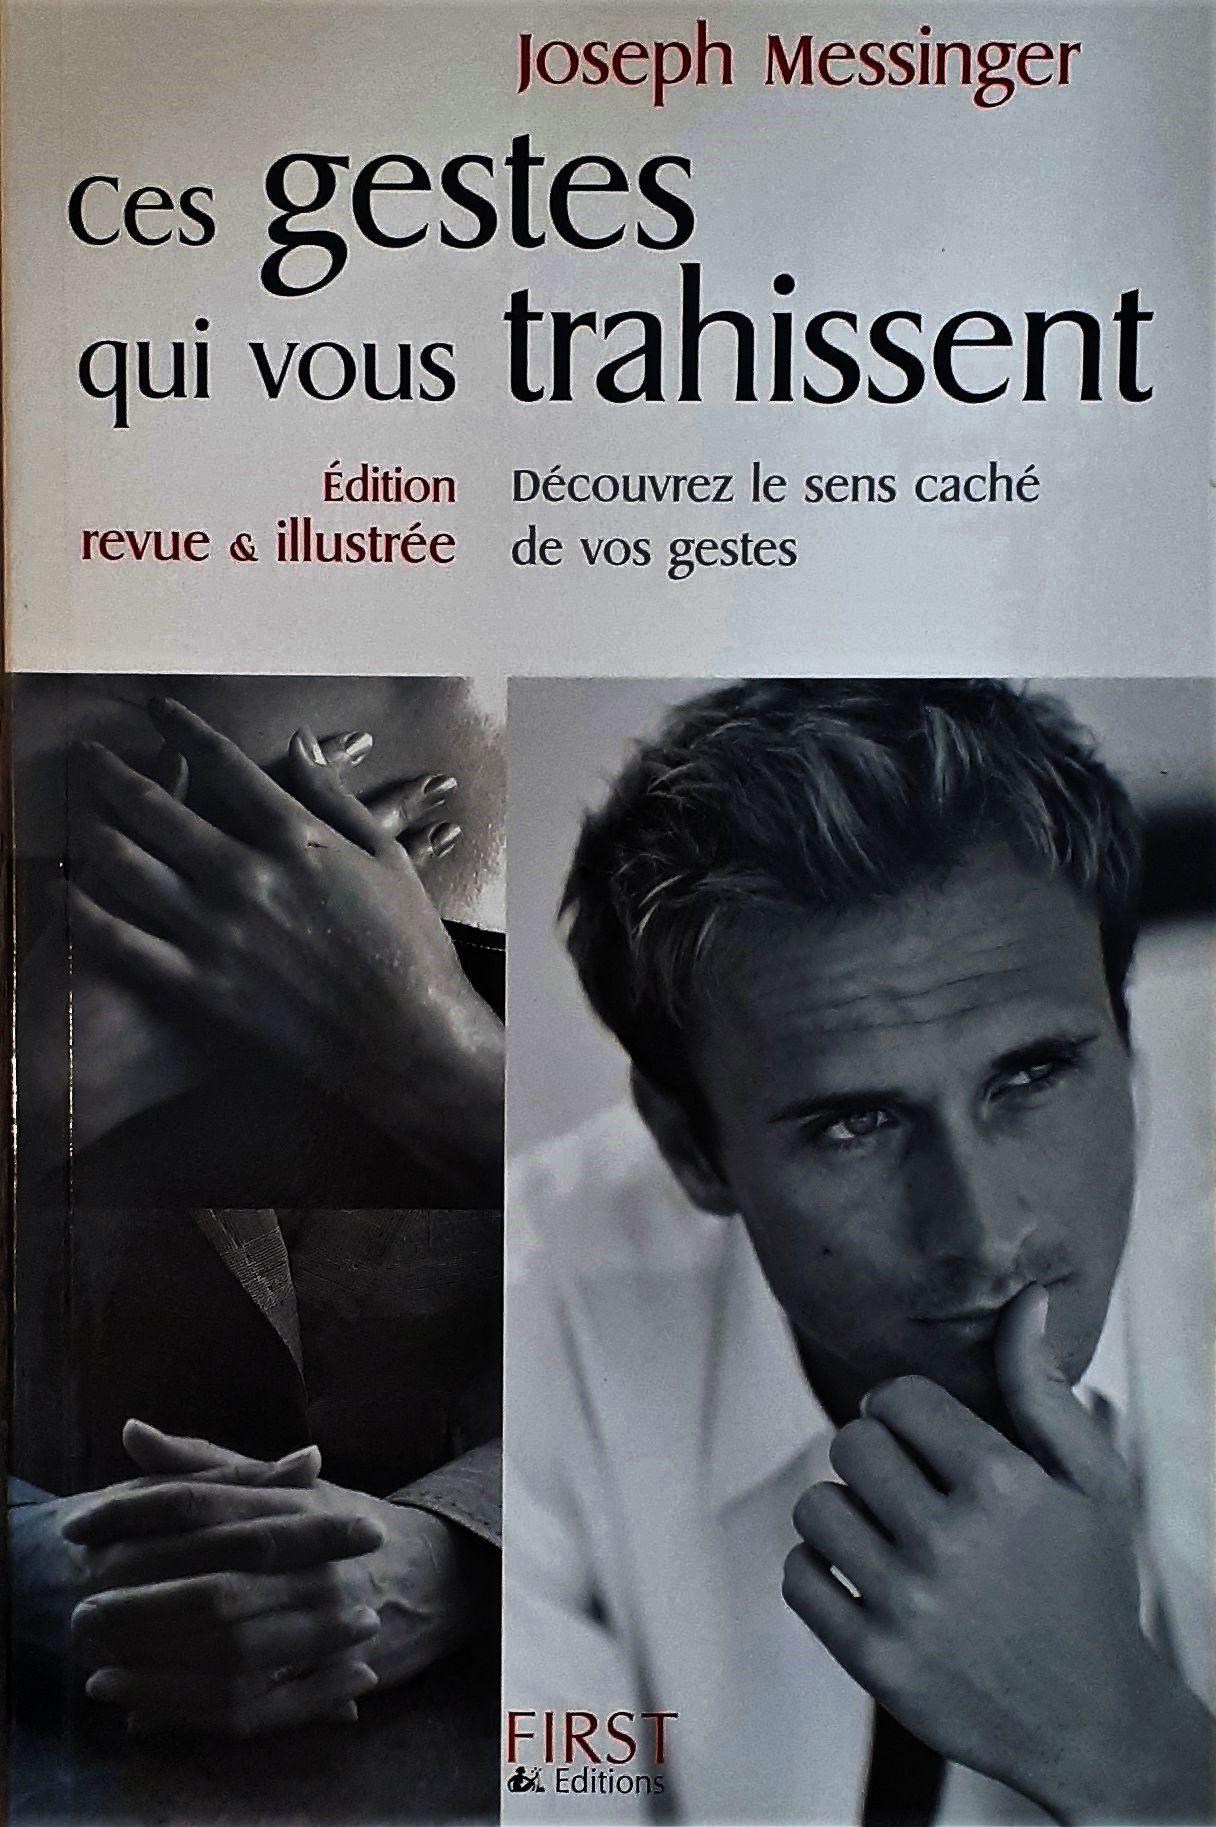 Ces Gestes Qui Vous Trahissent 2008 : gestes, trahissent, Gestes, Trahissent., Découvrez, Caché, Gestes., Joseph, Messinger, Paperback